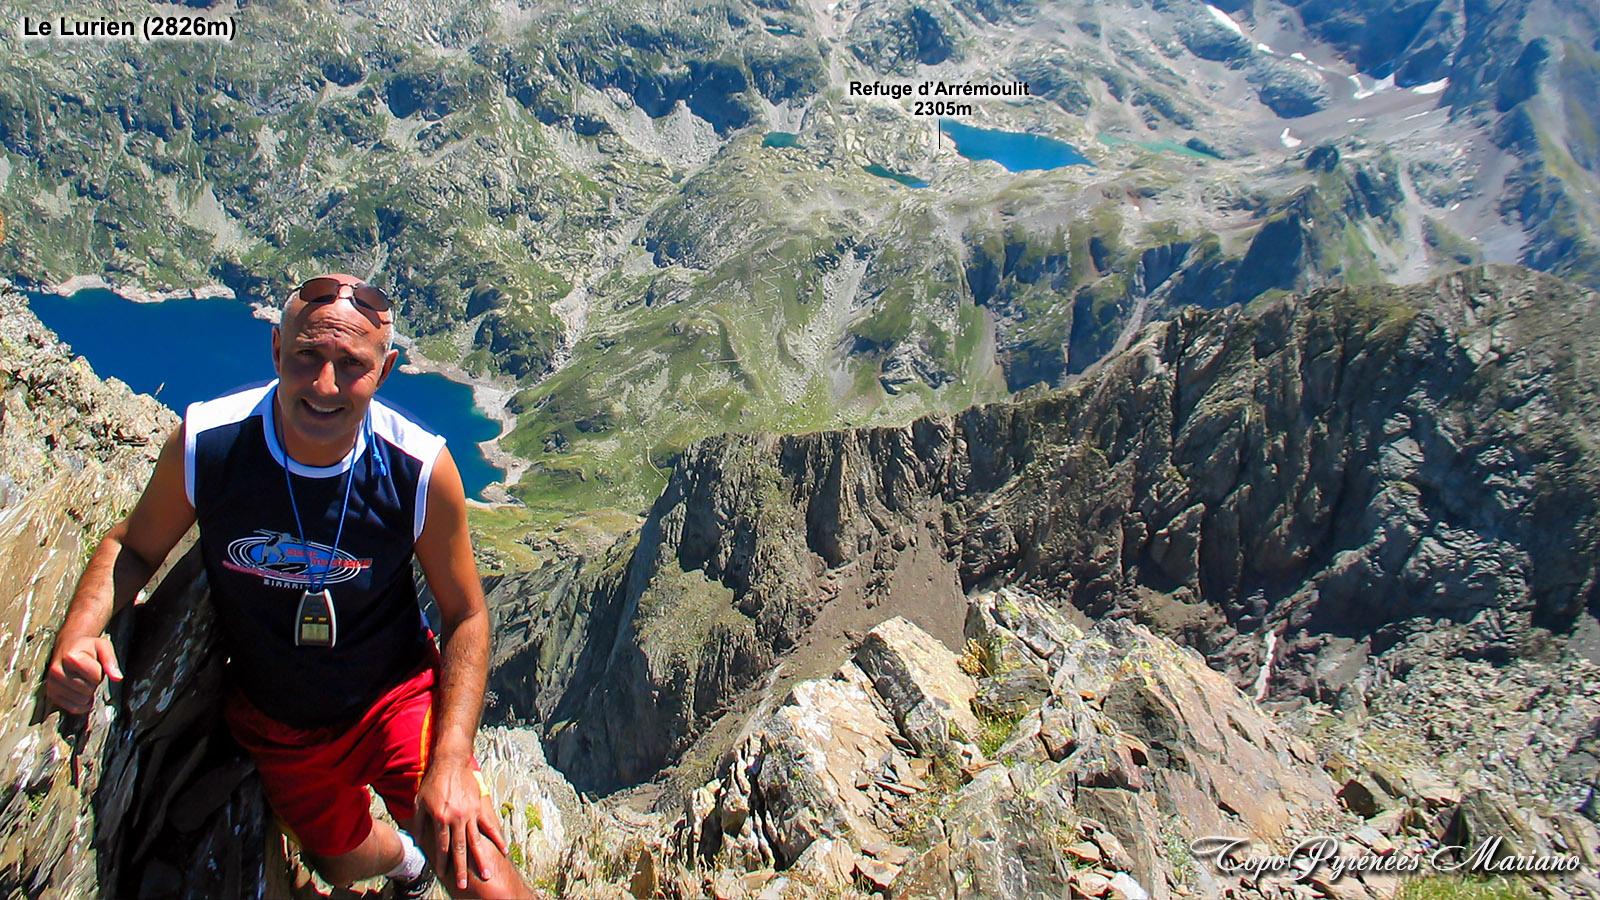 Le sommet du Lurien (2826m) depuis le refuge Arrémoulit (2305m)